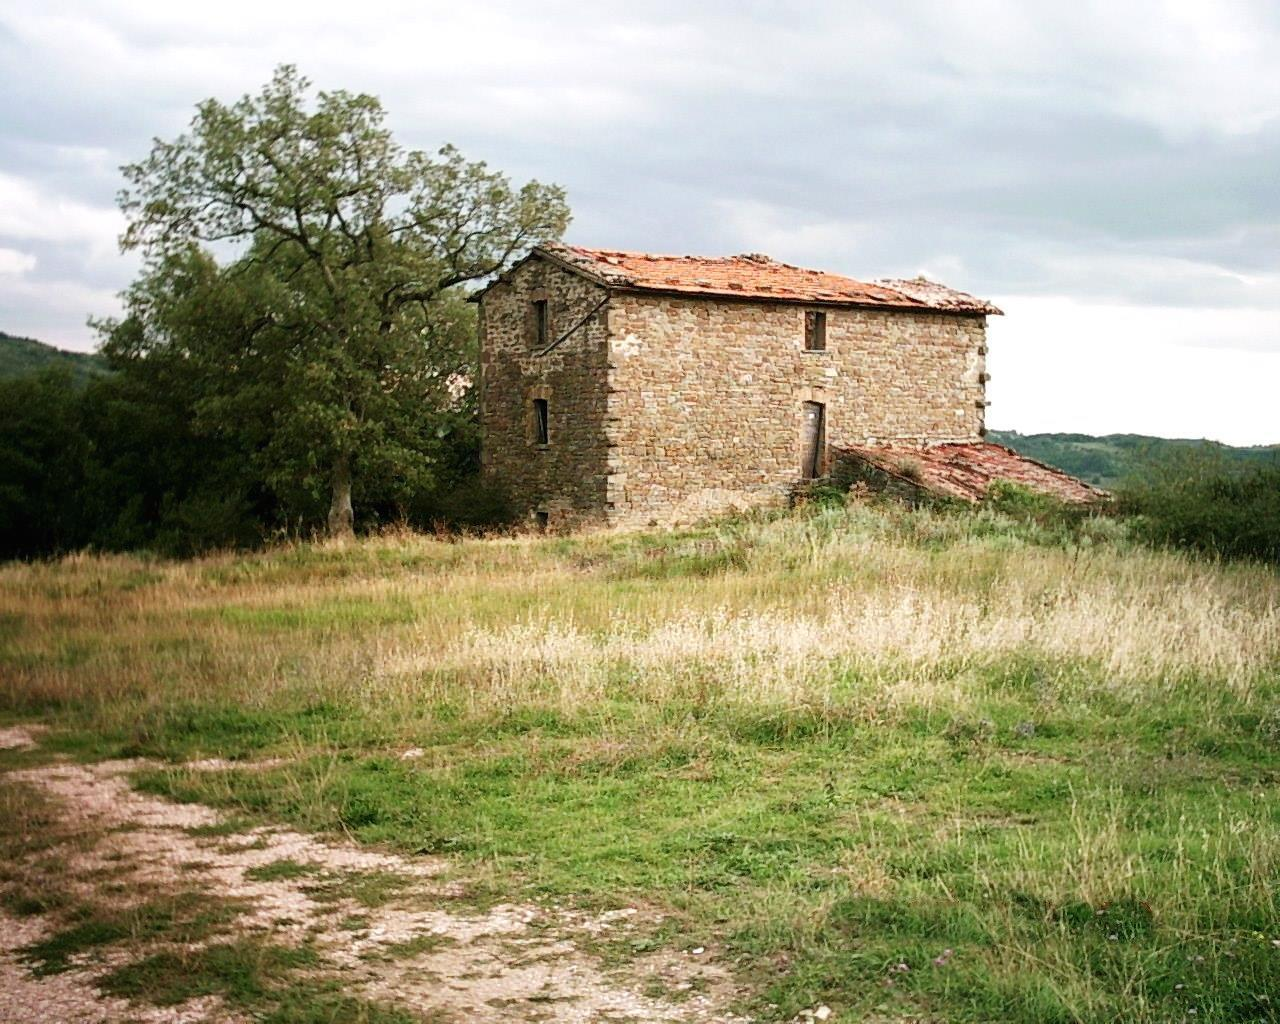 Terreno Agricolo in vendita a Gubbio, 9999 locali, prezzo € 980.000 | Cambio Casa.it